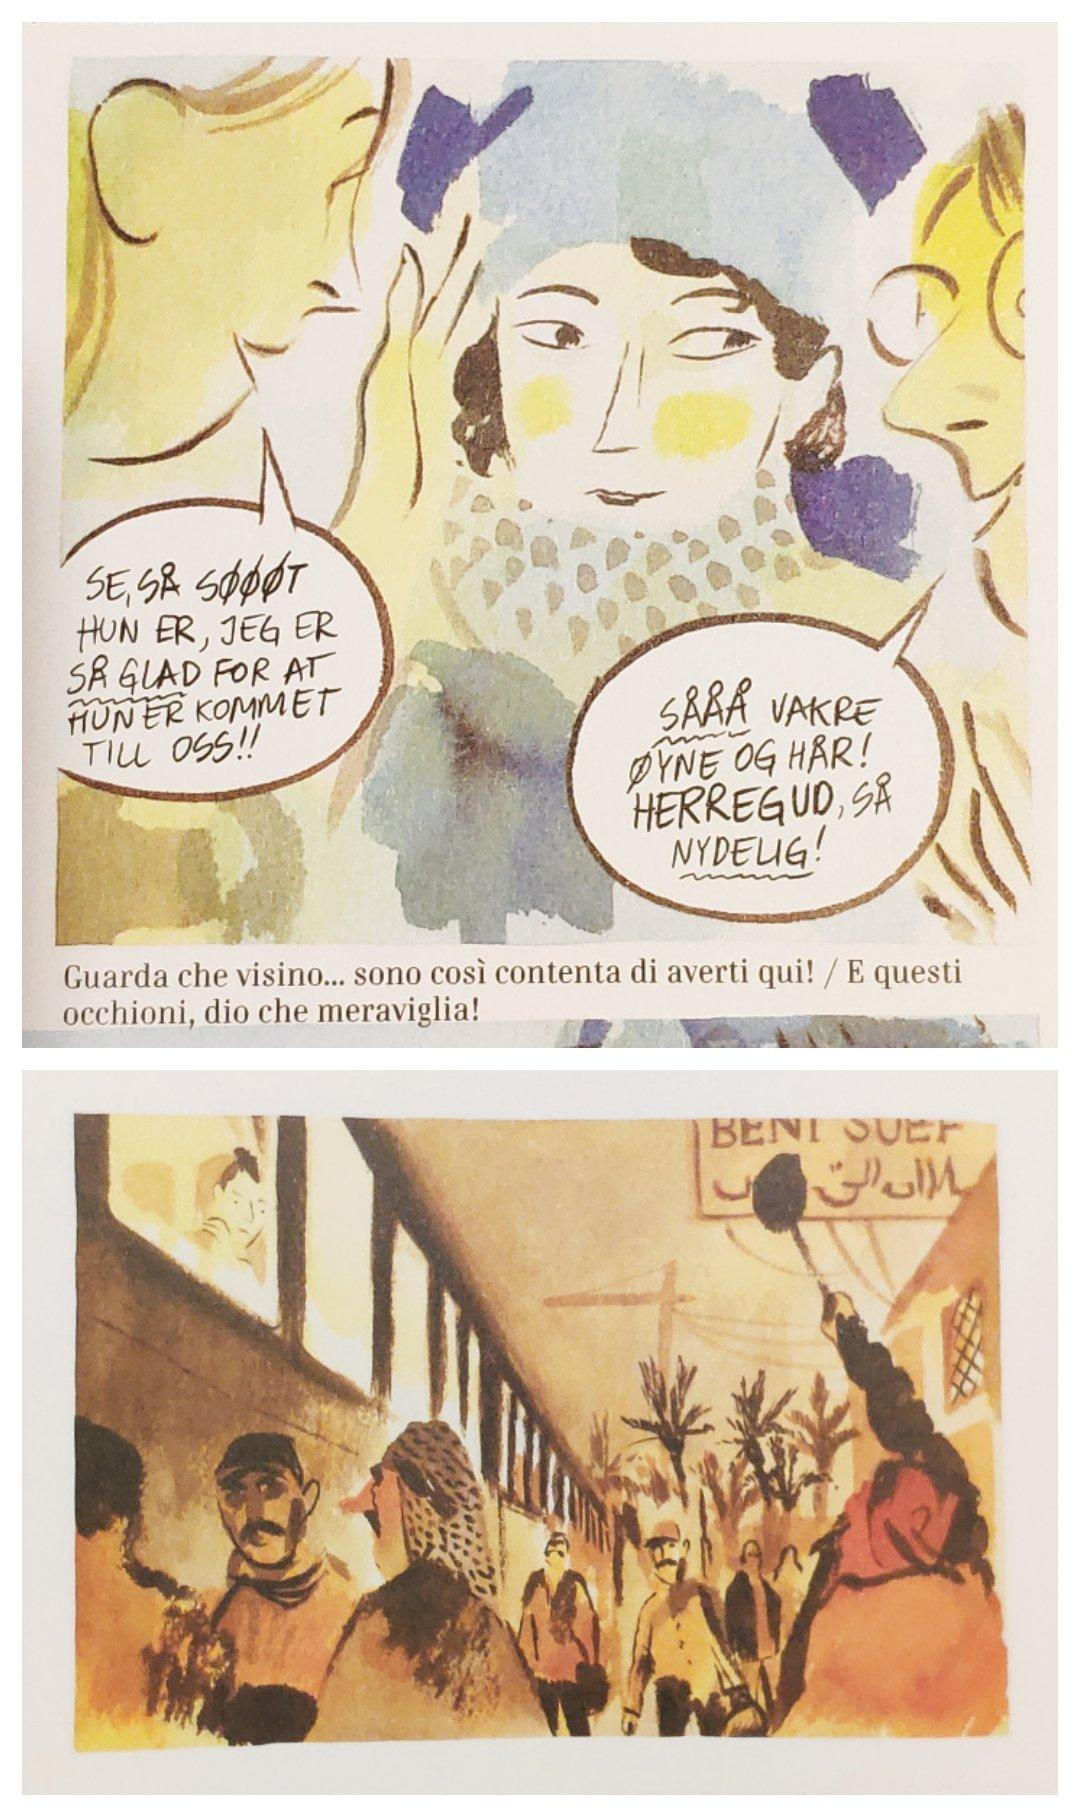 Mio caro fumetto... - Immagini che esemplificano l'uso differenziato delle tinte degli acquerelli (fredde e calde).